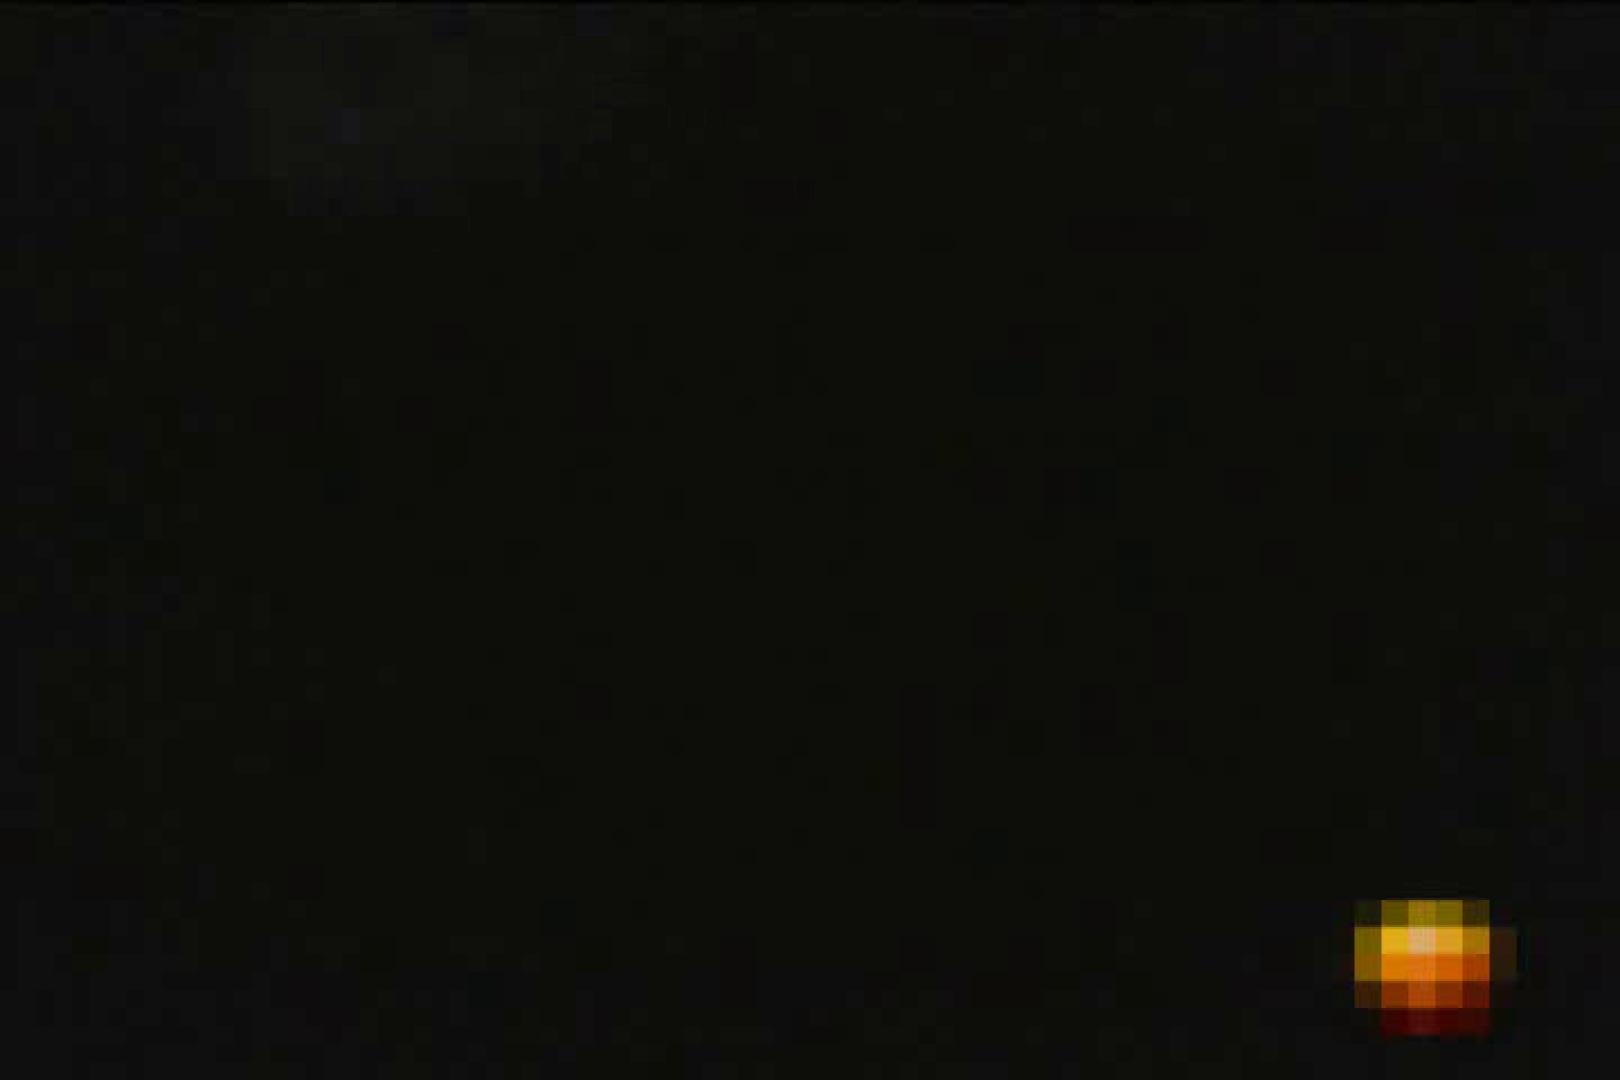 暗躍する夜這い師達Vol.10 美女OL | 悪戯  72連発 27